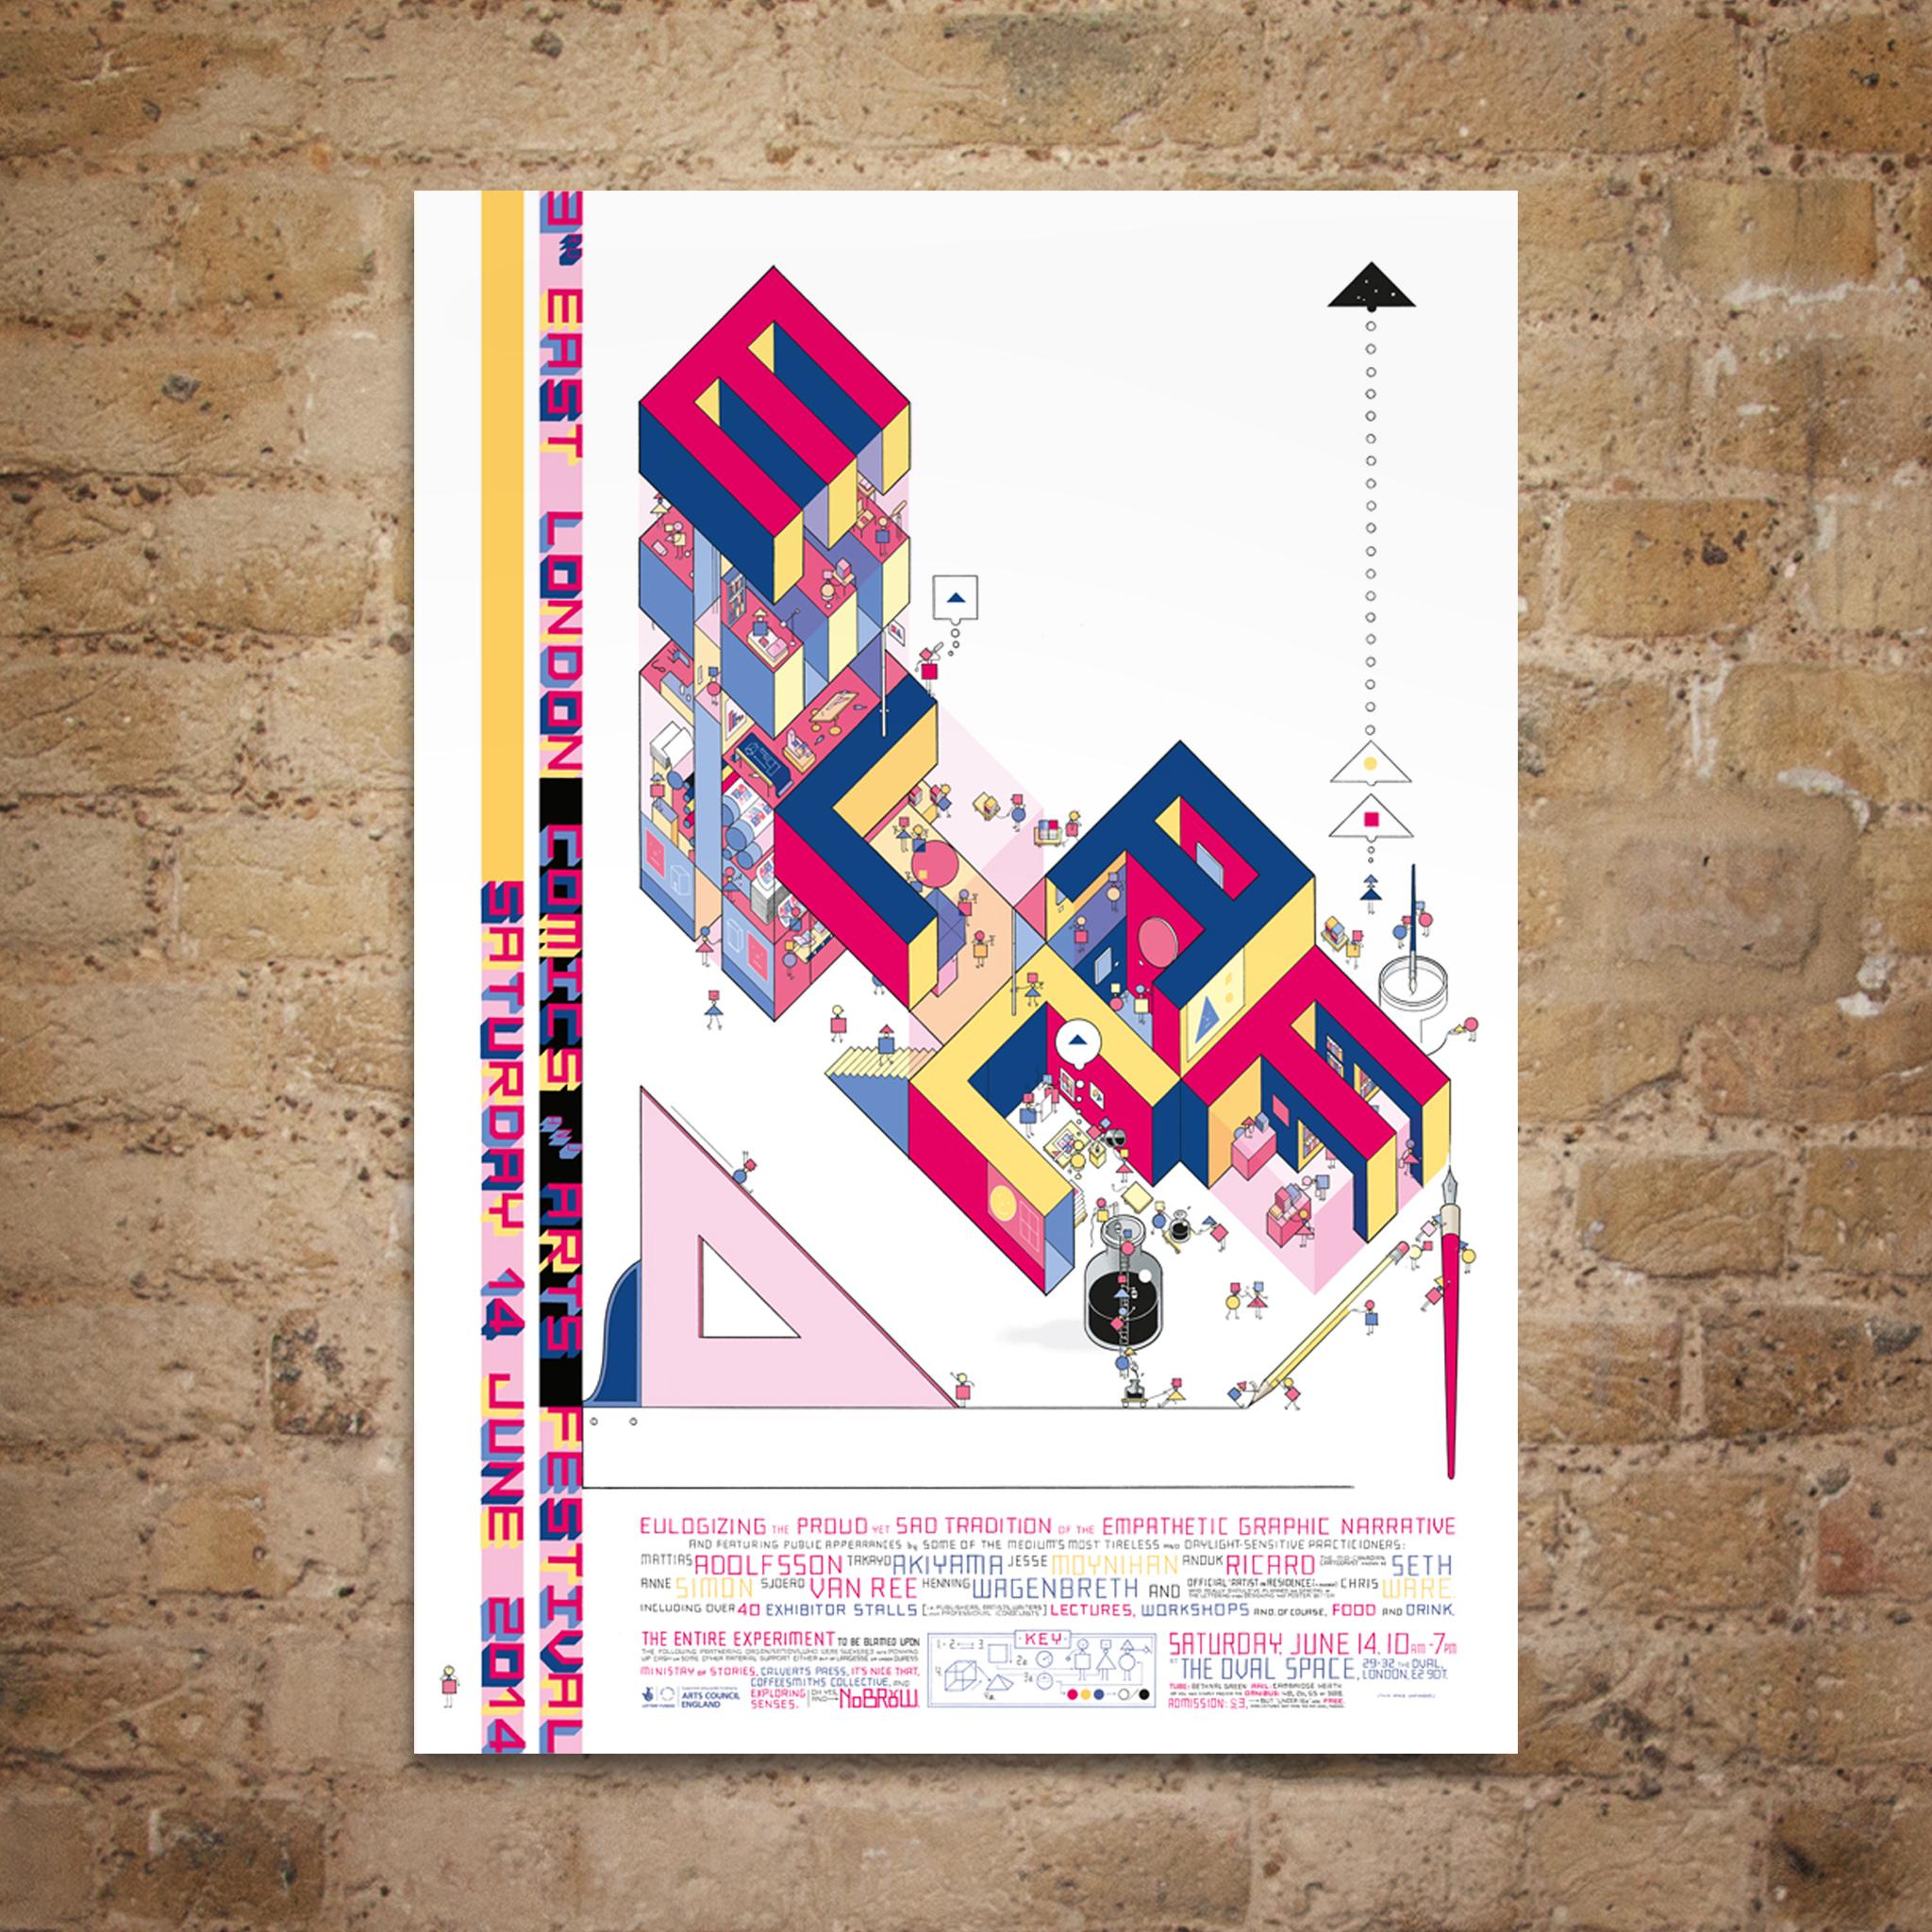 ELCAF Chris Ware Poster